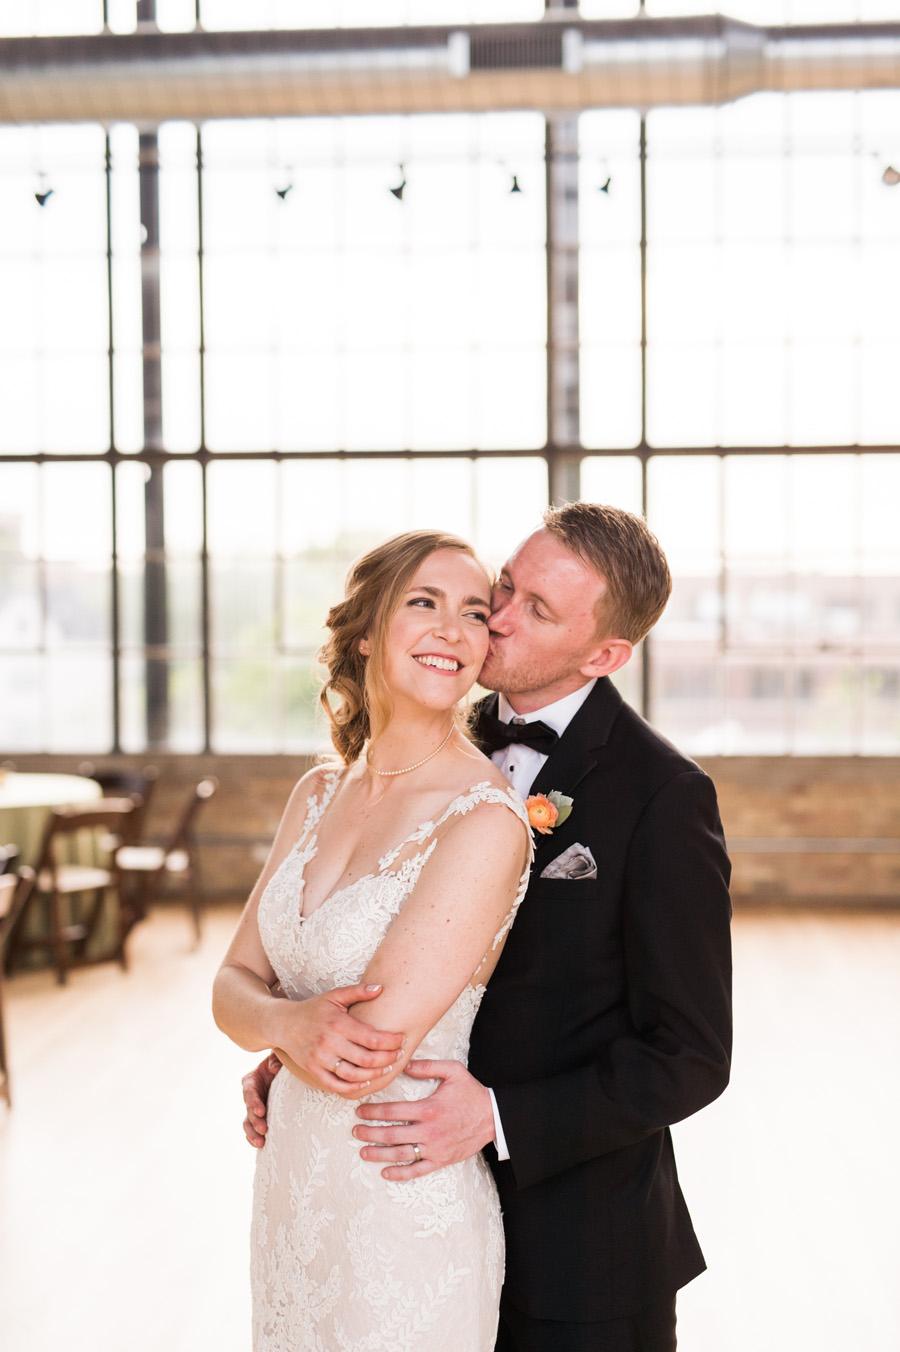 Groom kisses bride at Ravenswood event center.